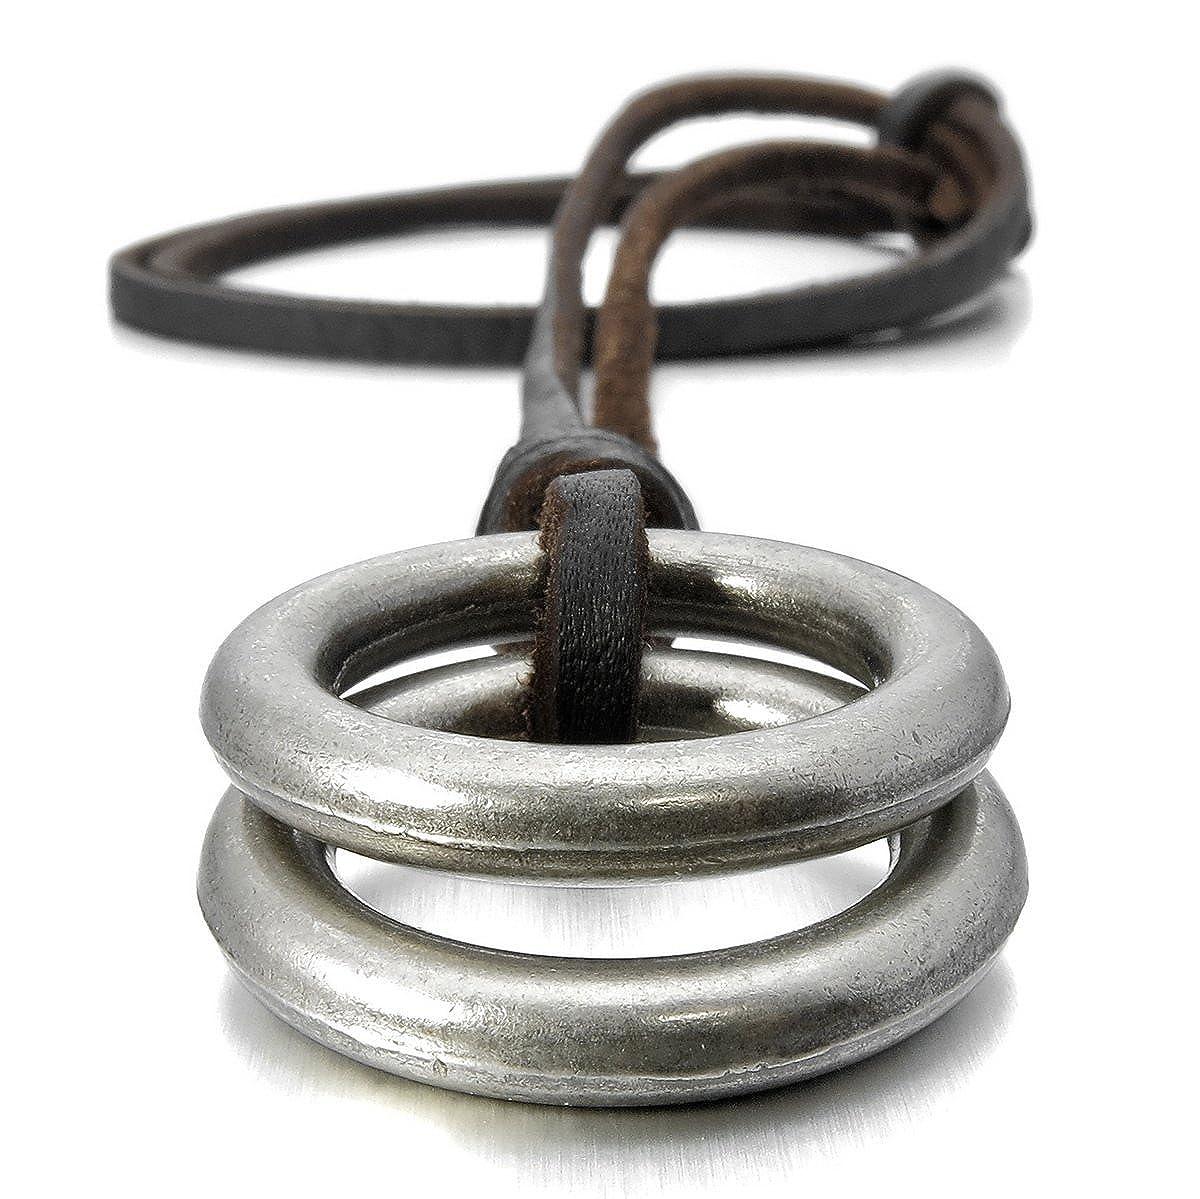 7c20a285395b MunkiMix Aleación Genuina Cuero Colgante Collar El Tono De Plata Doble  Anillo Ring Ajustable 16~26 Pulgada Cadena Hombre